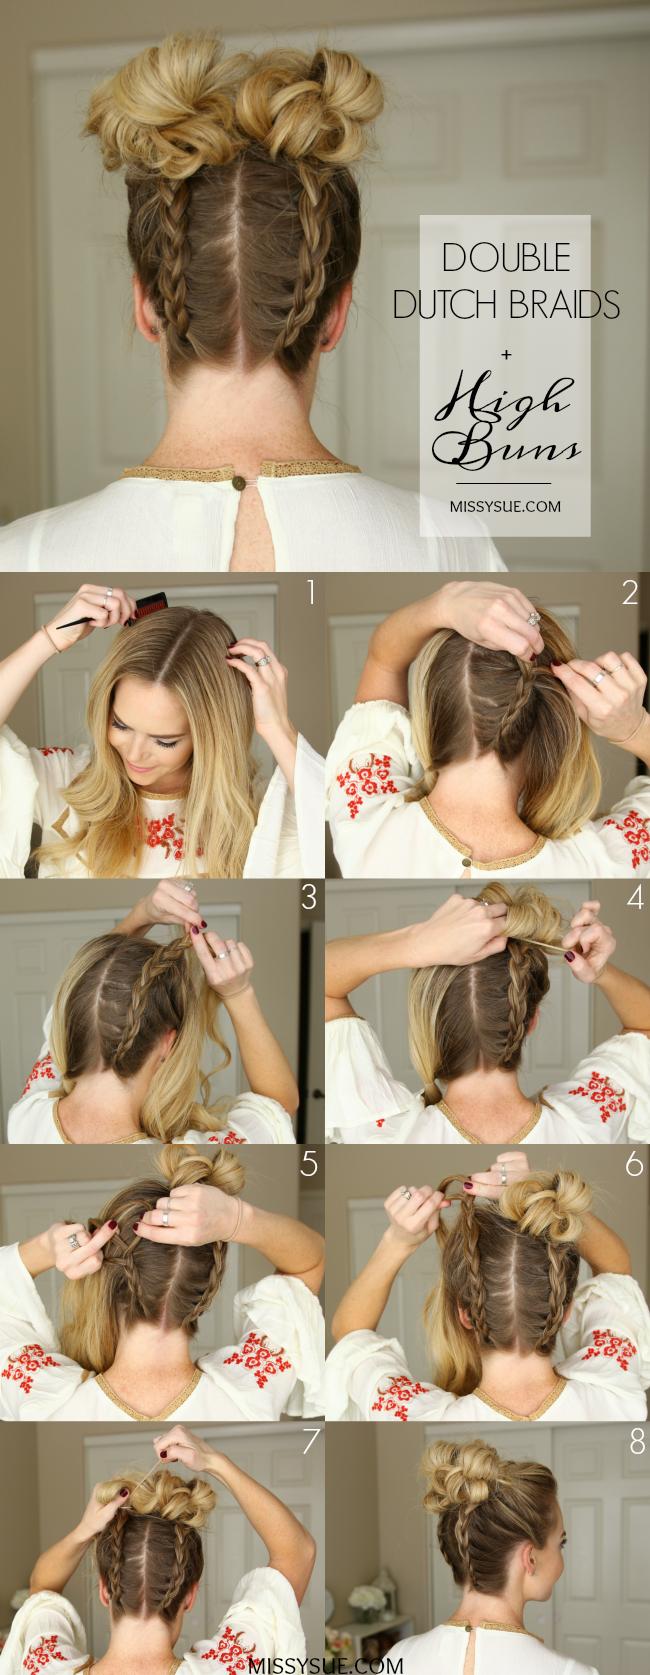 double-dutch-braid-high-buns-hair-tutorial